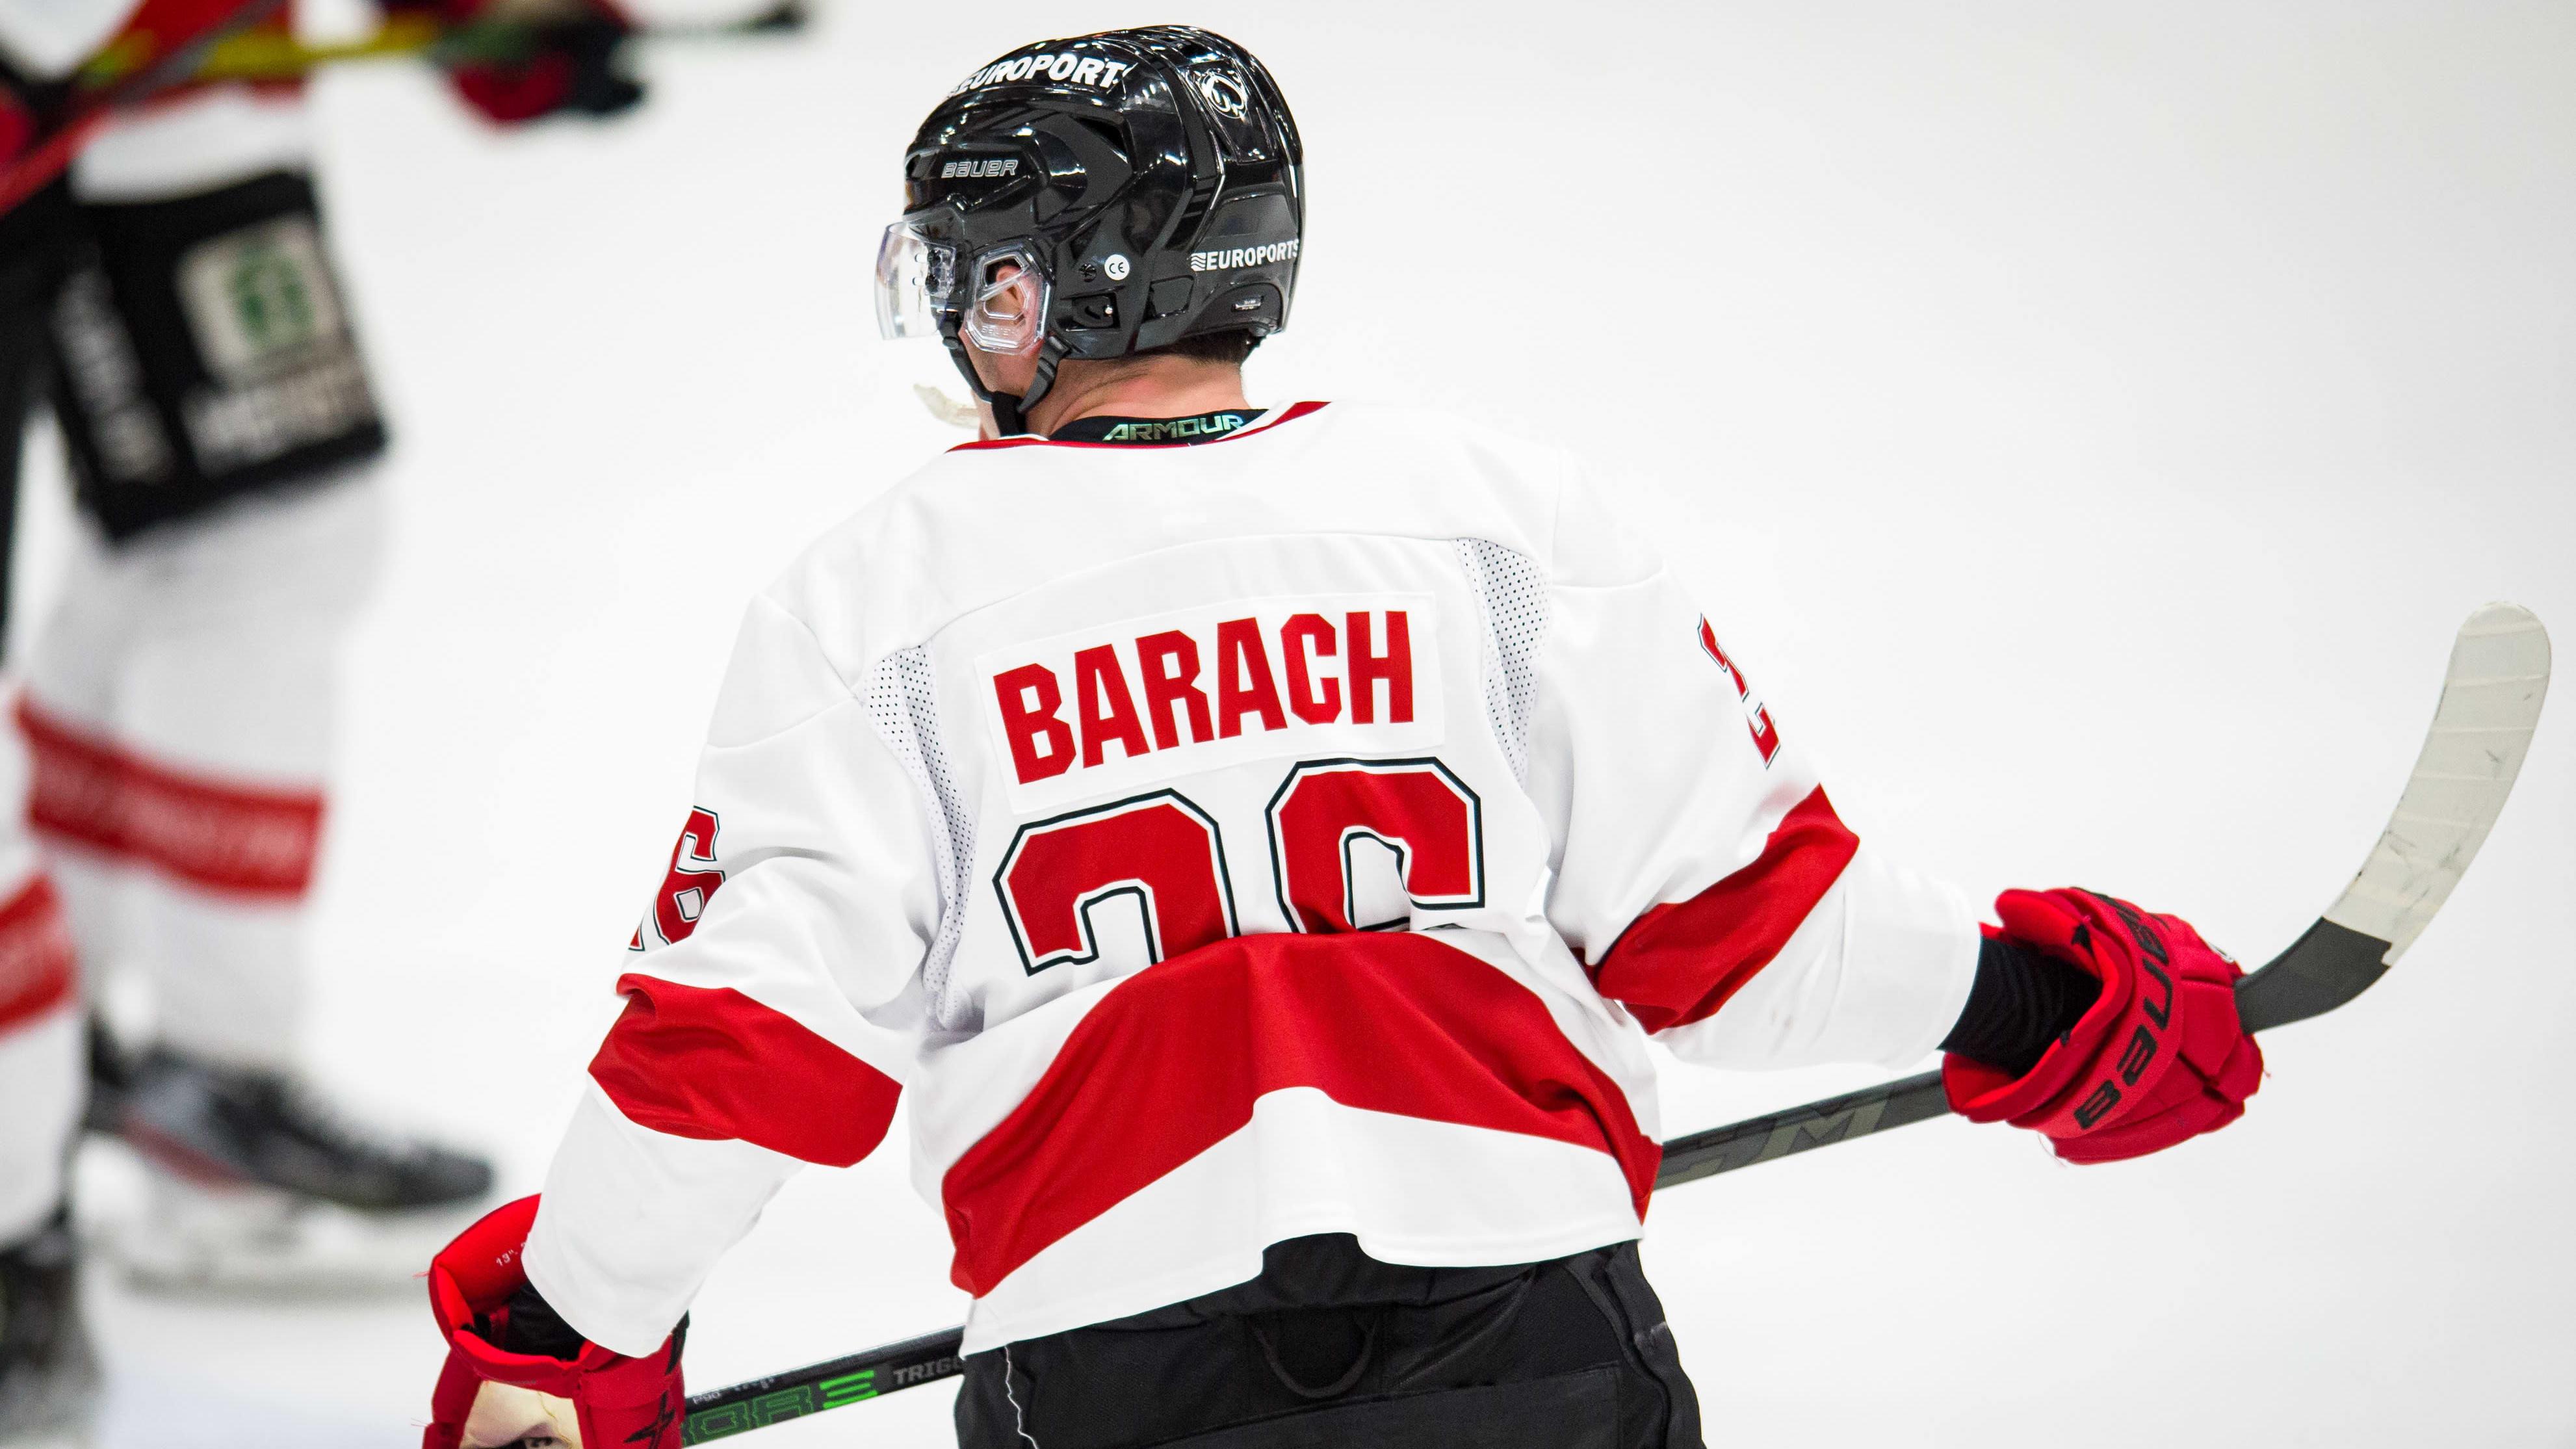 Derek Barach